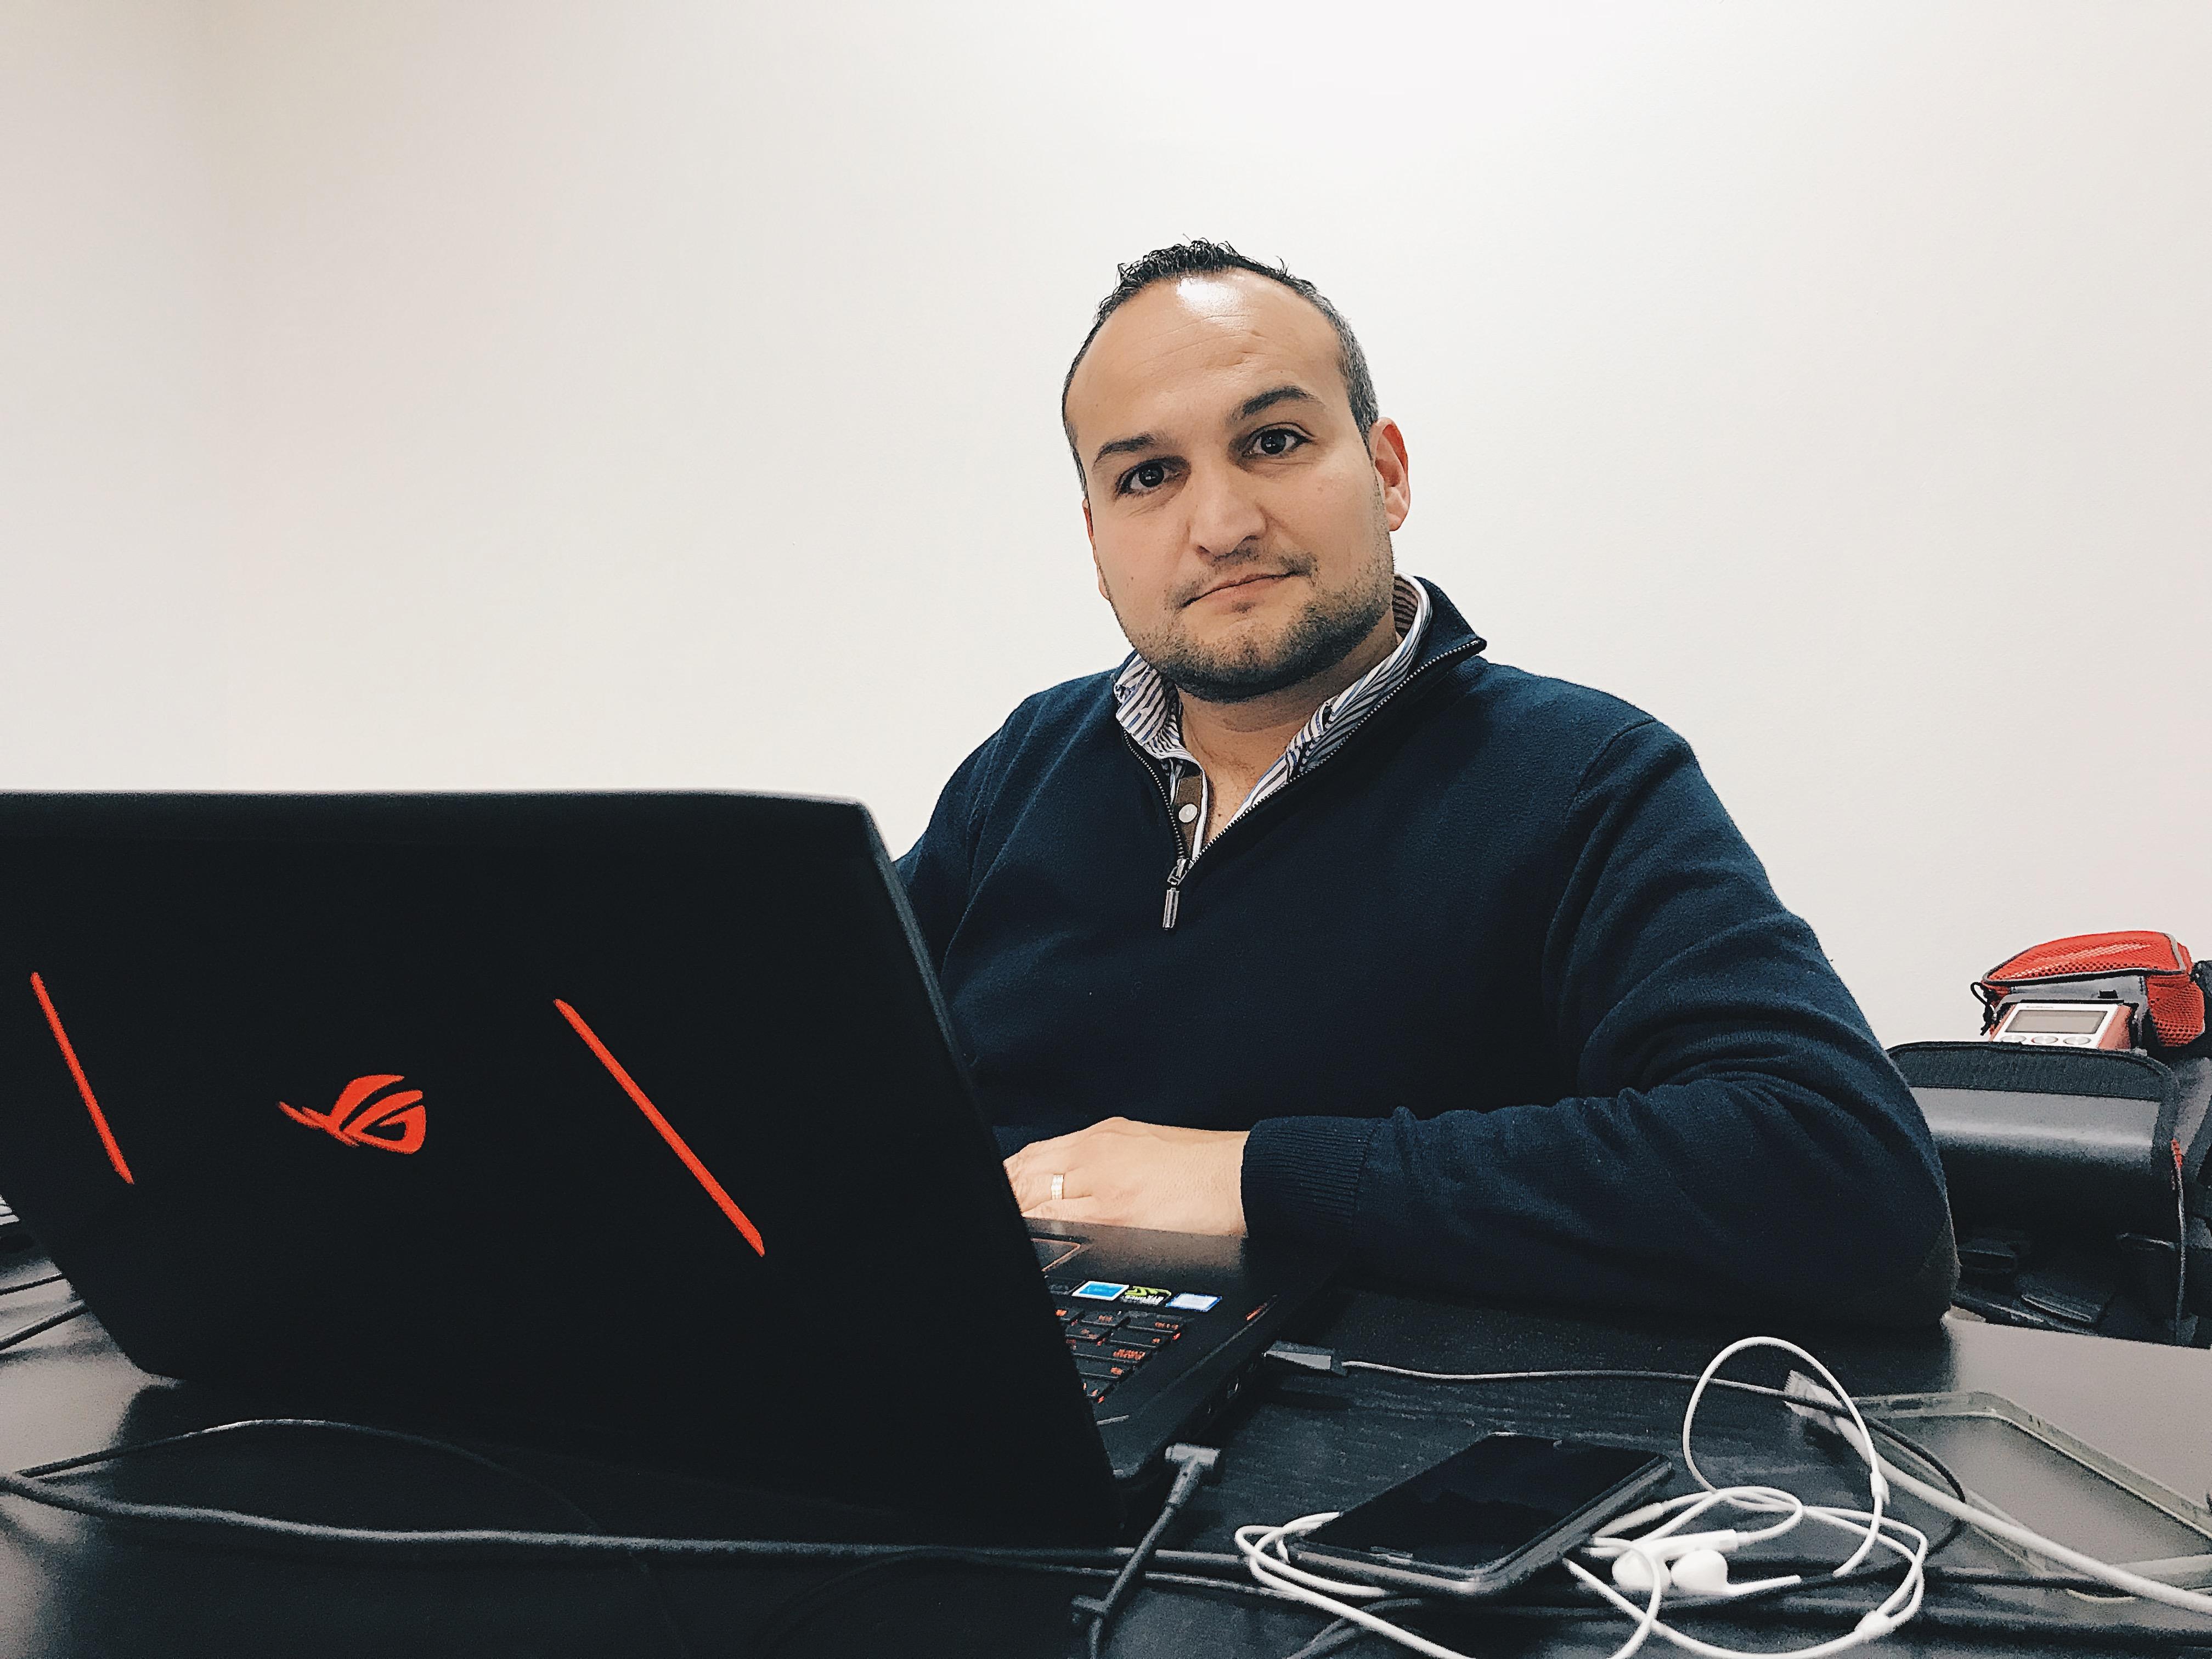 Conheça melhor o Nuno Benavente, fundador e gerente da Protools Audiovisual Solutions